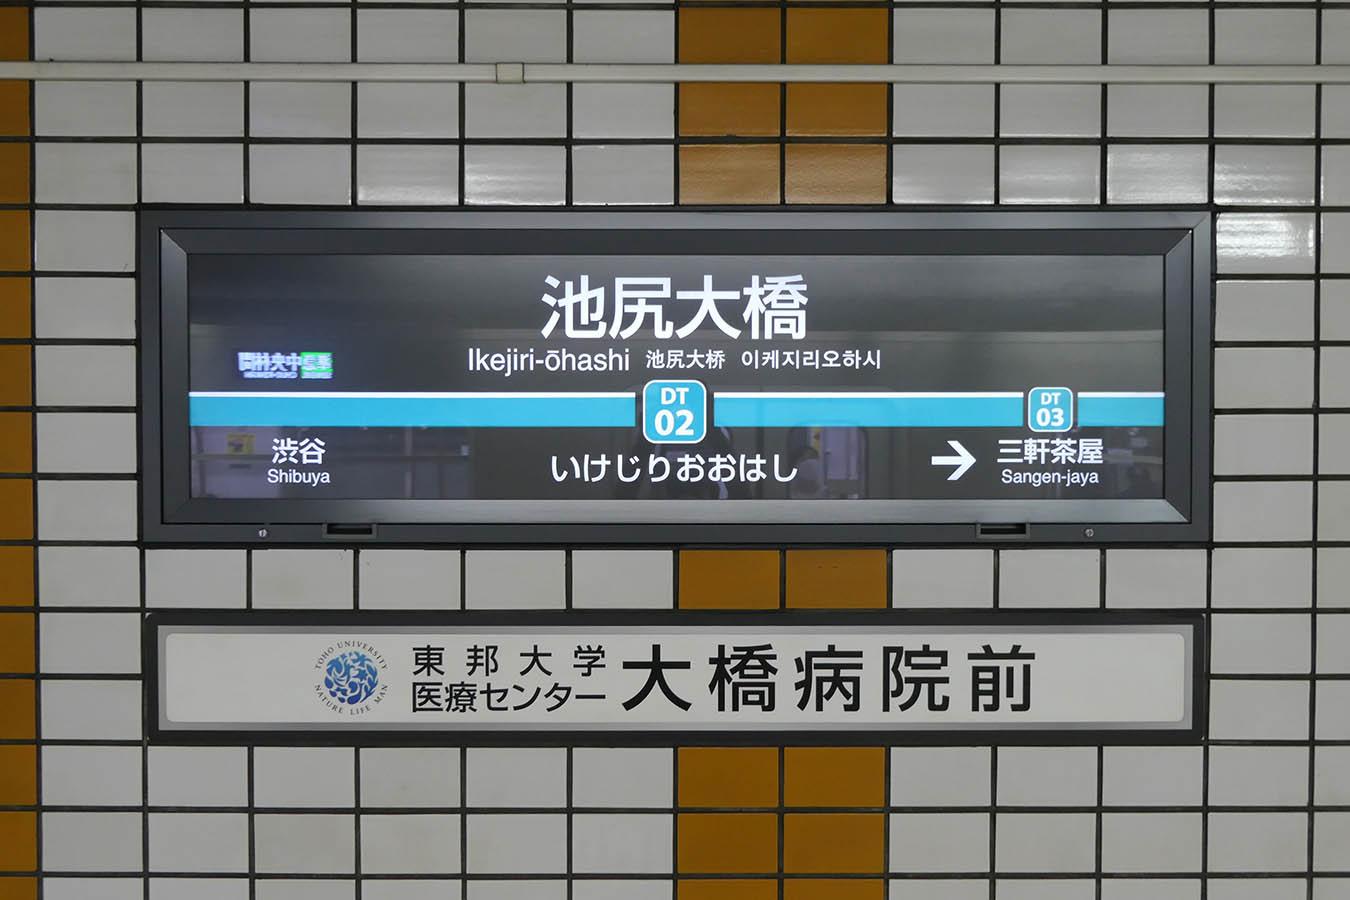 DT02_photo04.jpg